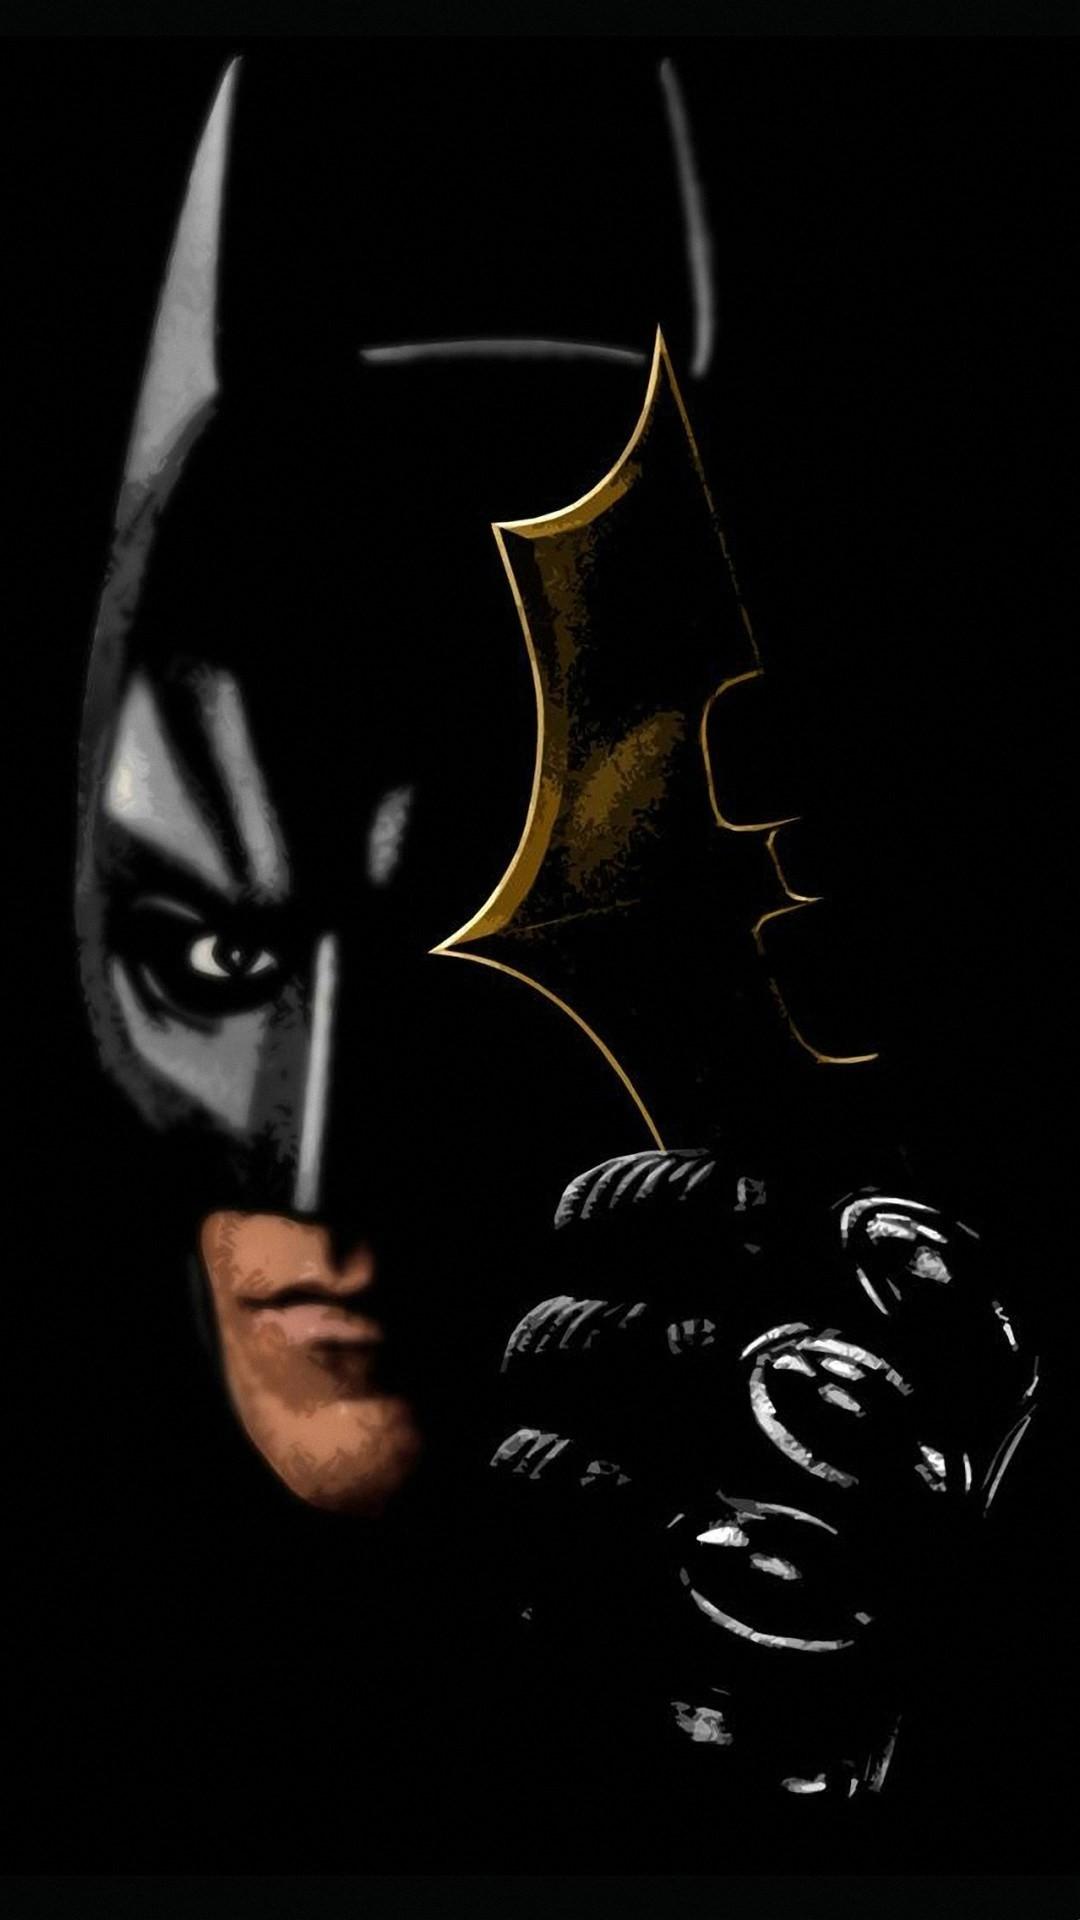 Batman 3D Wallpaper (81+ images)